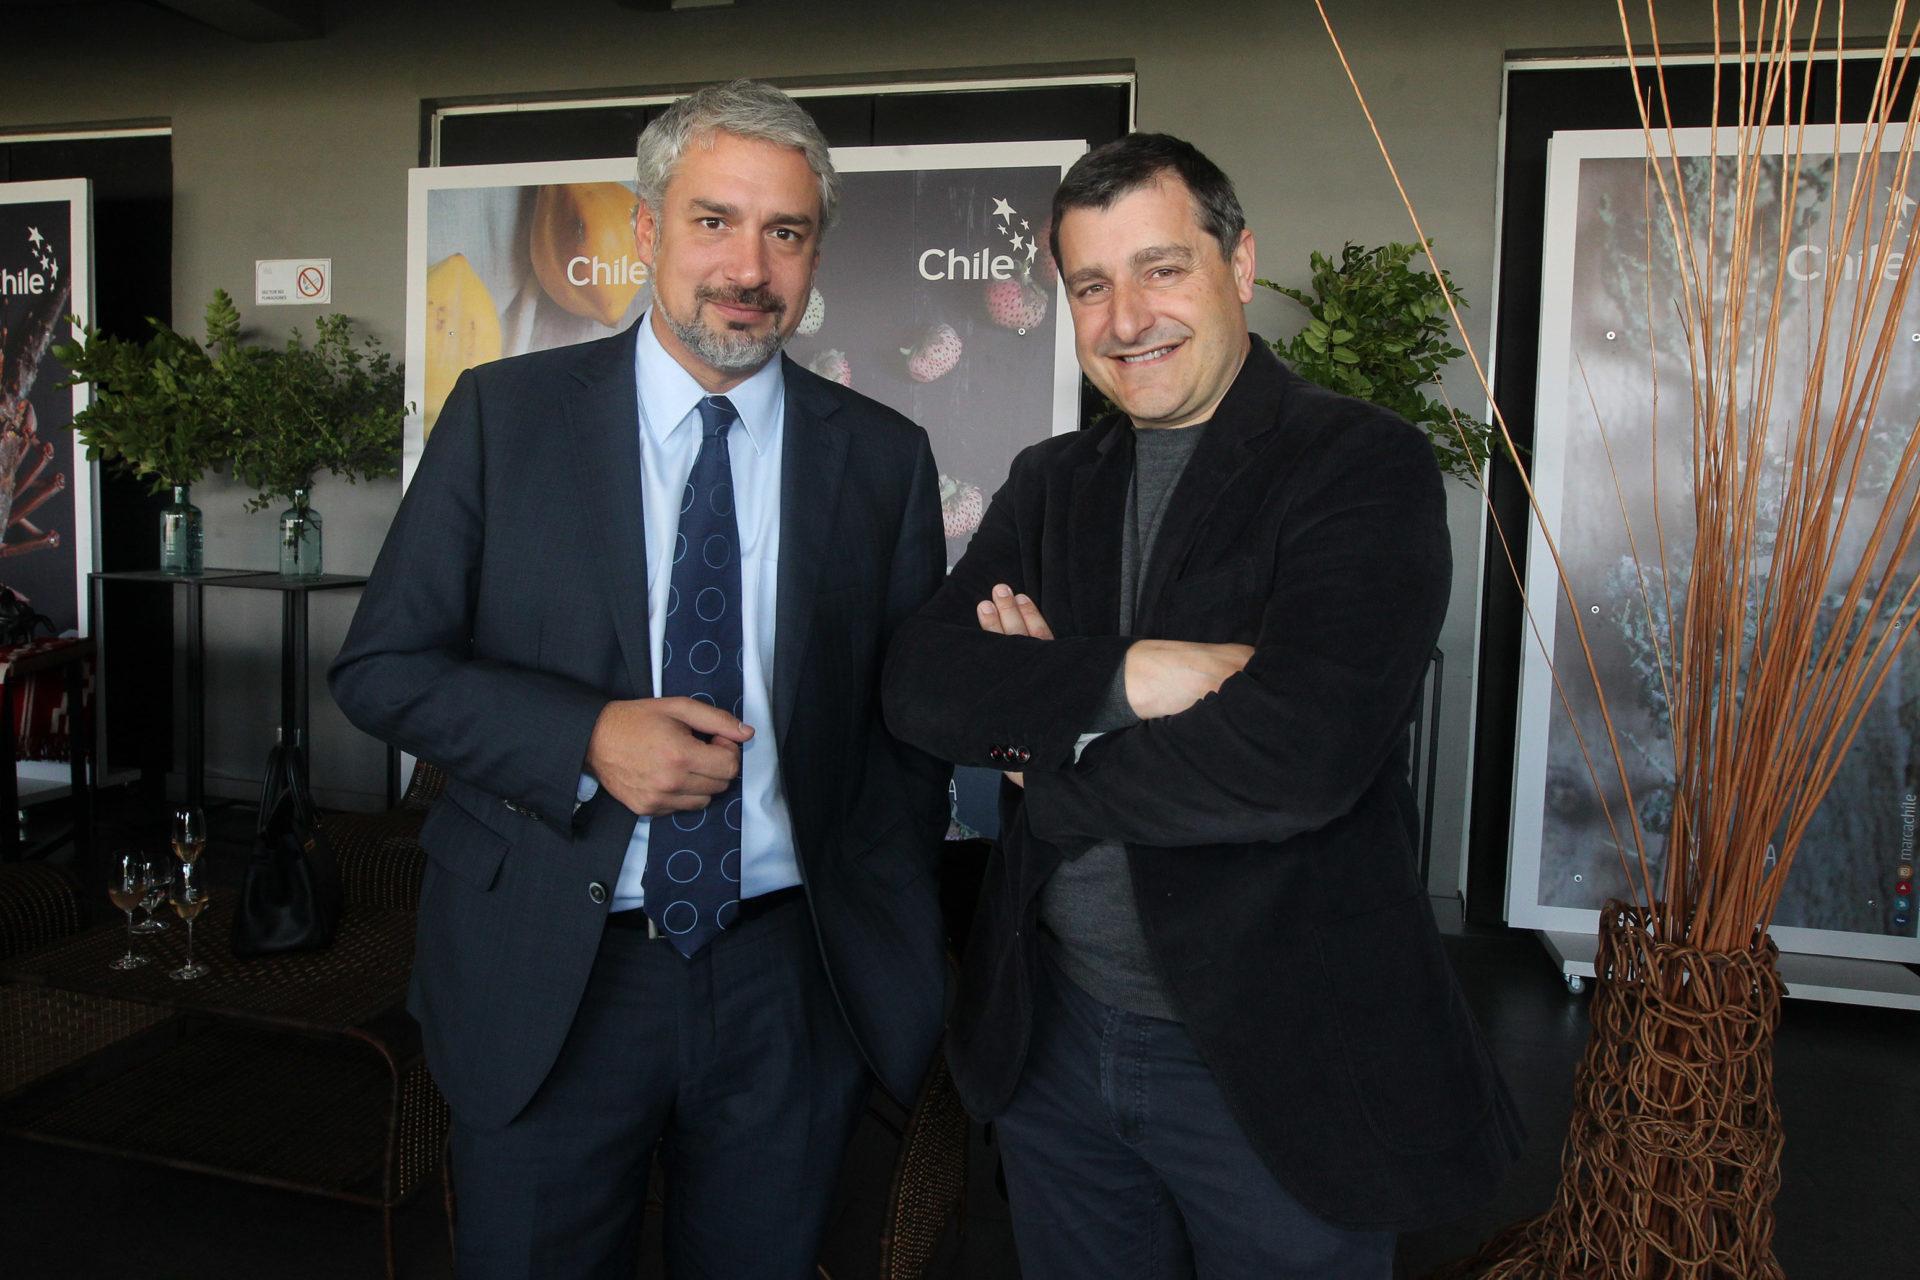 Durante su estadía en Chile, Josep Roca se reunió con el Ministro de Cultura Ernesto Ottone.